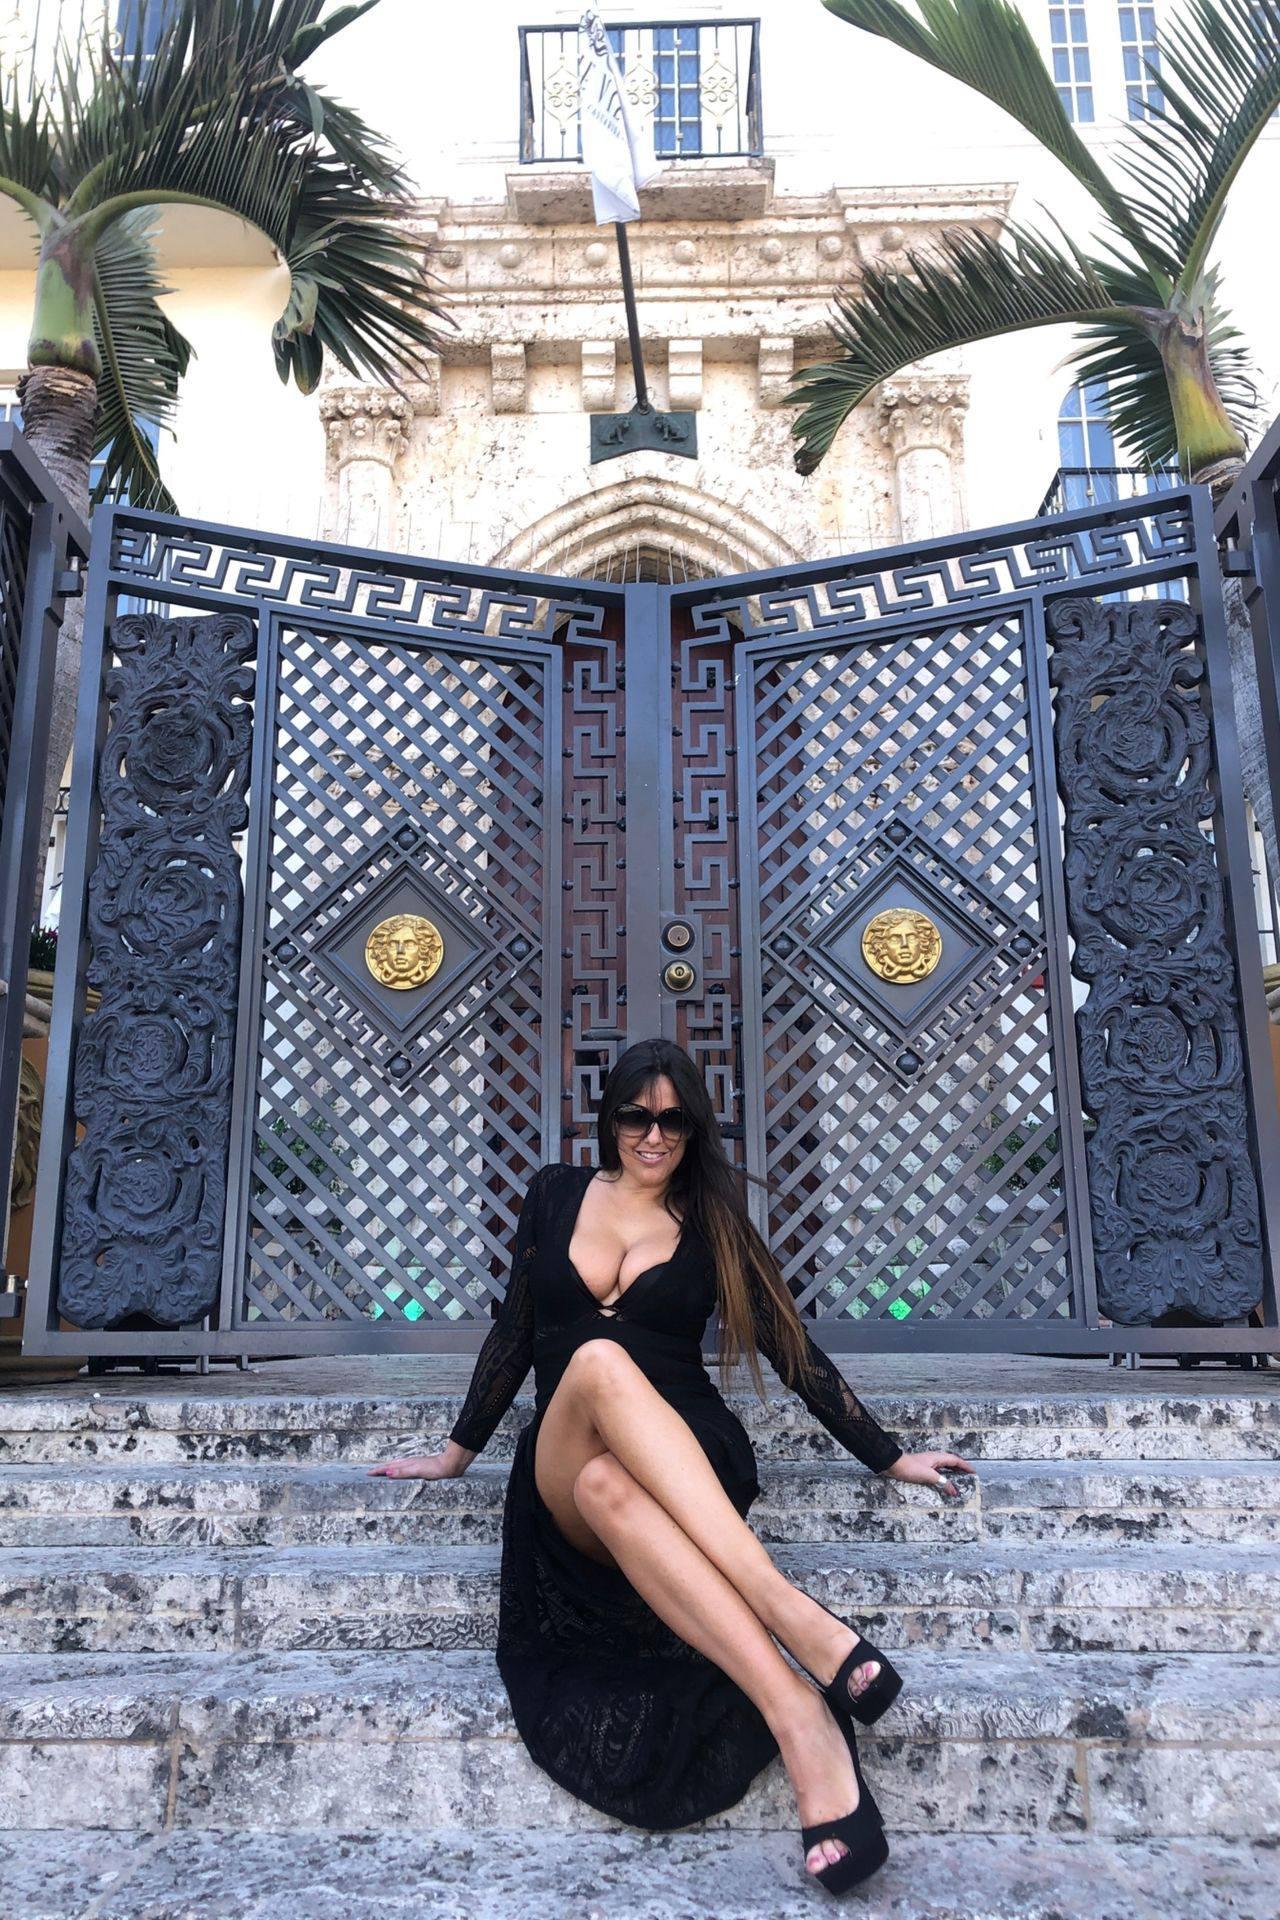 Claudia Romani – Sexy Legs And Big Boobs In Beautiful Black Dress 0002